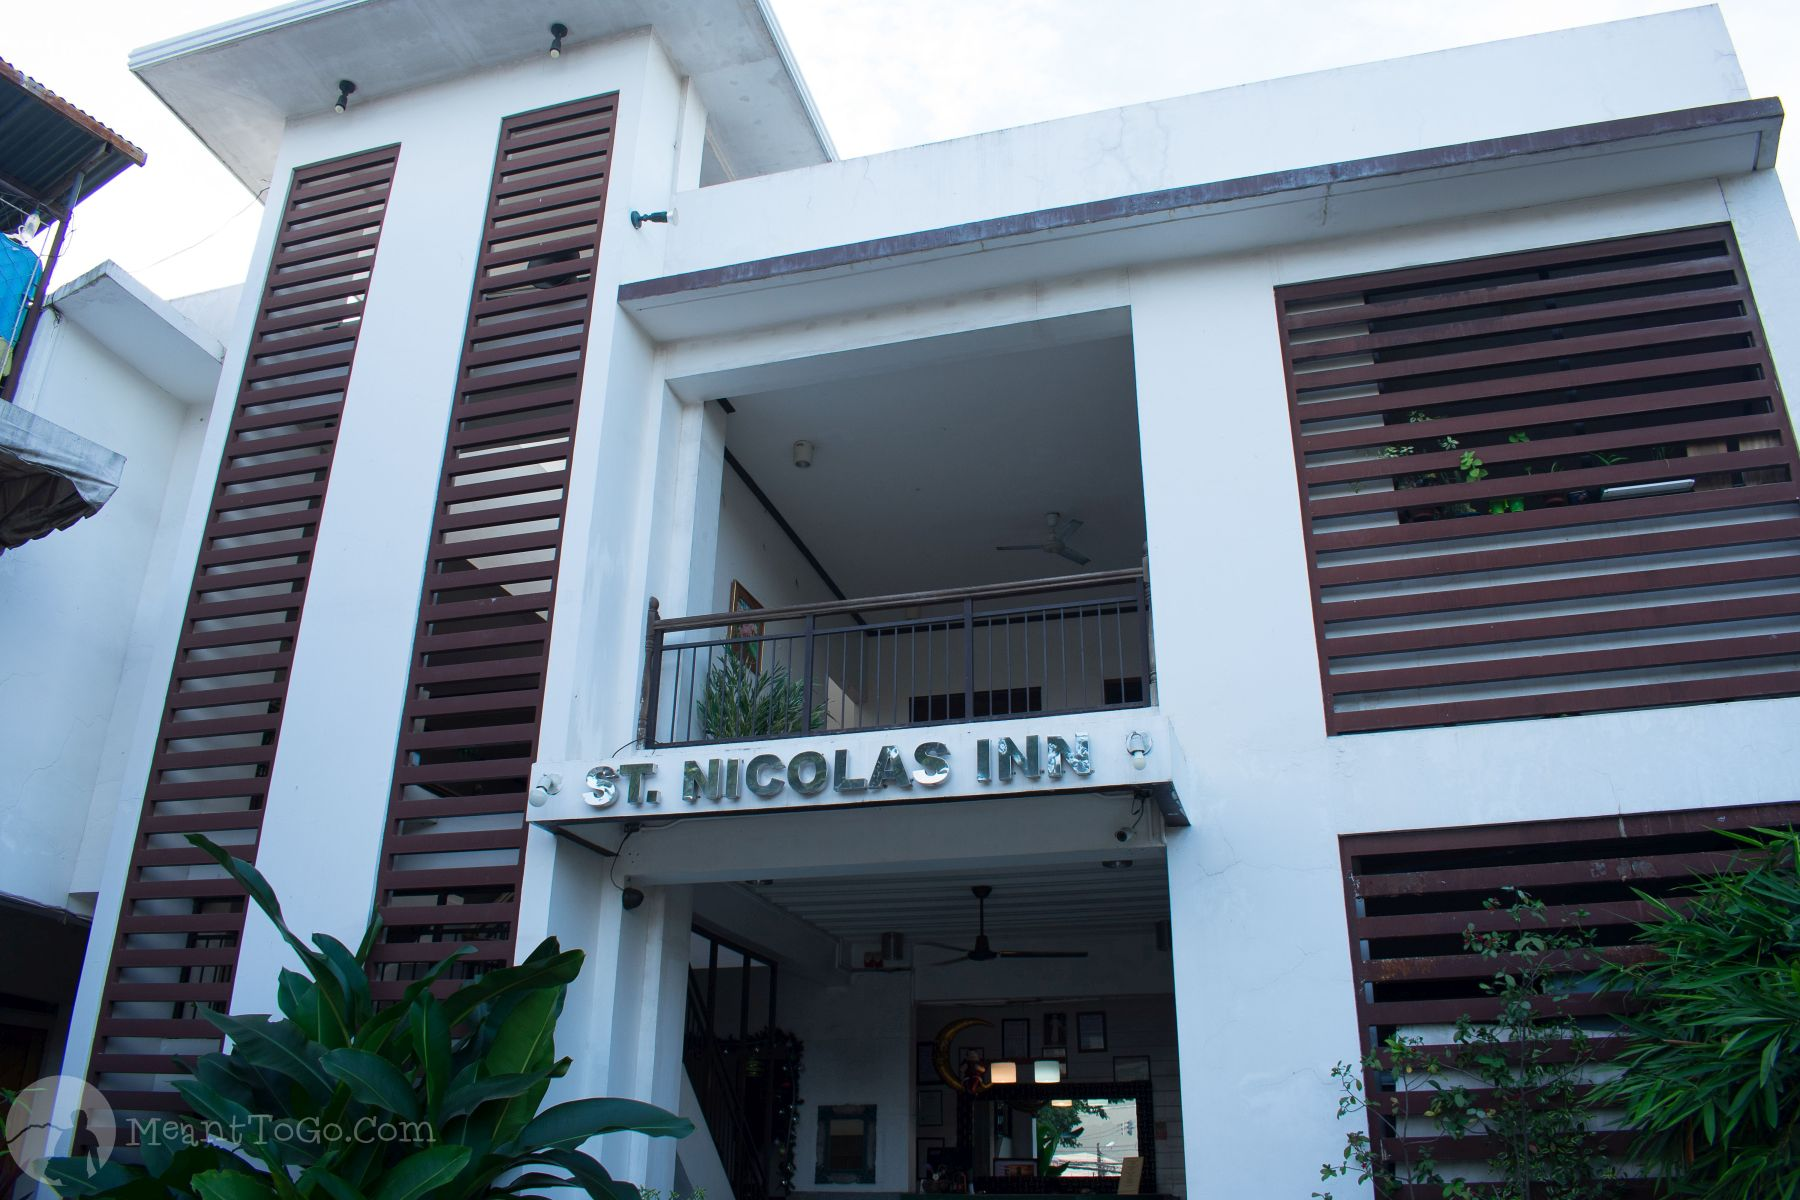 St. Nicolas Inn's Facade, Cagayan de Oro